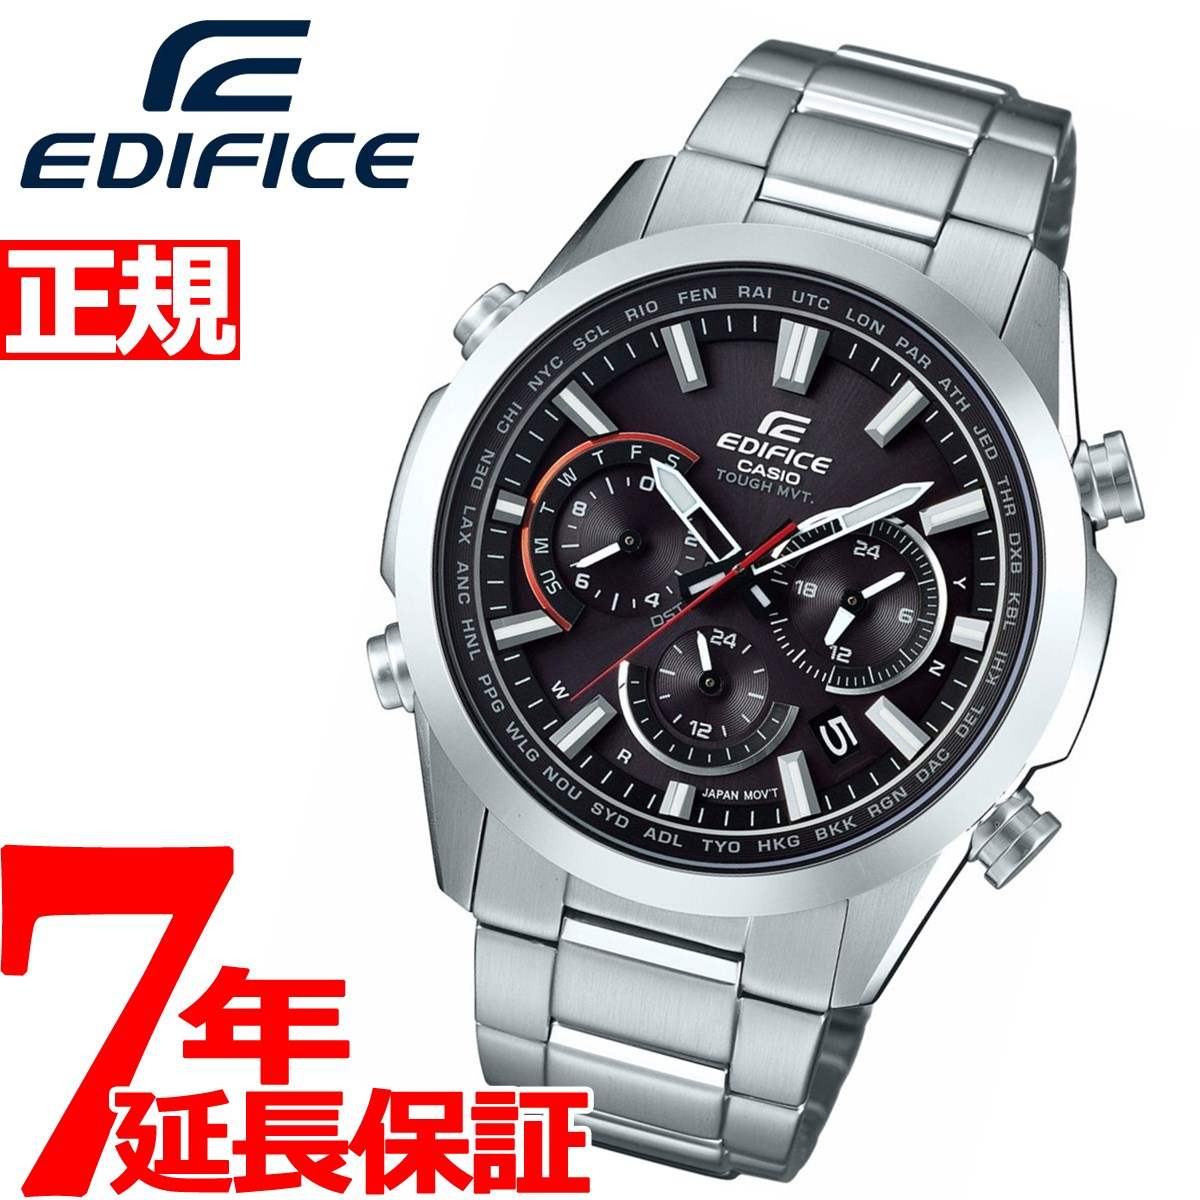 カシオ エディフィス CASIO EDIFICE 電波 ソーラー 電波時計 腕時計 メンズ タフソーラー クロノグラフ EQW-T650D-1AJF